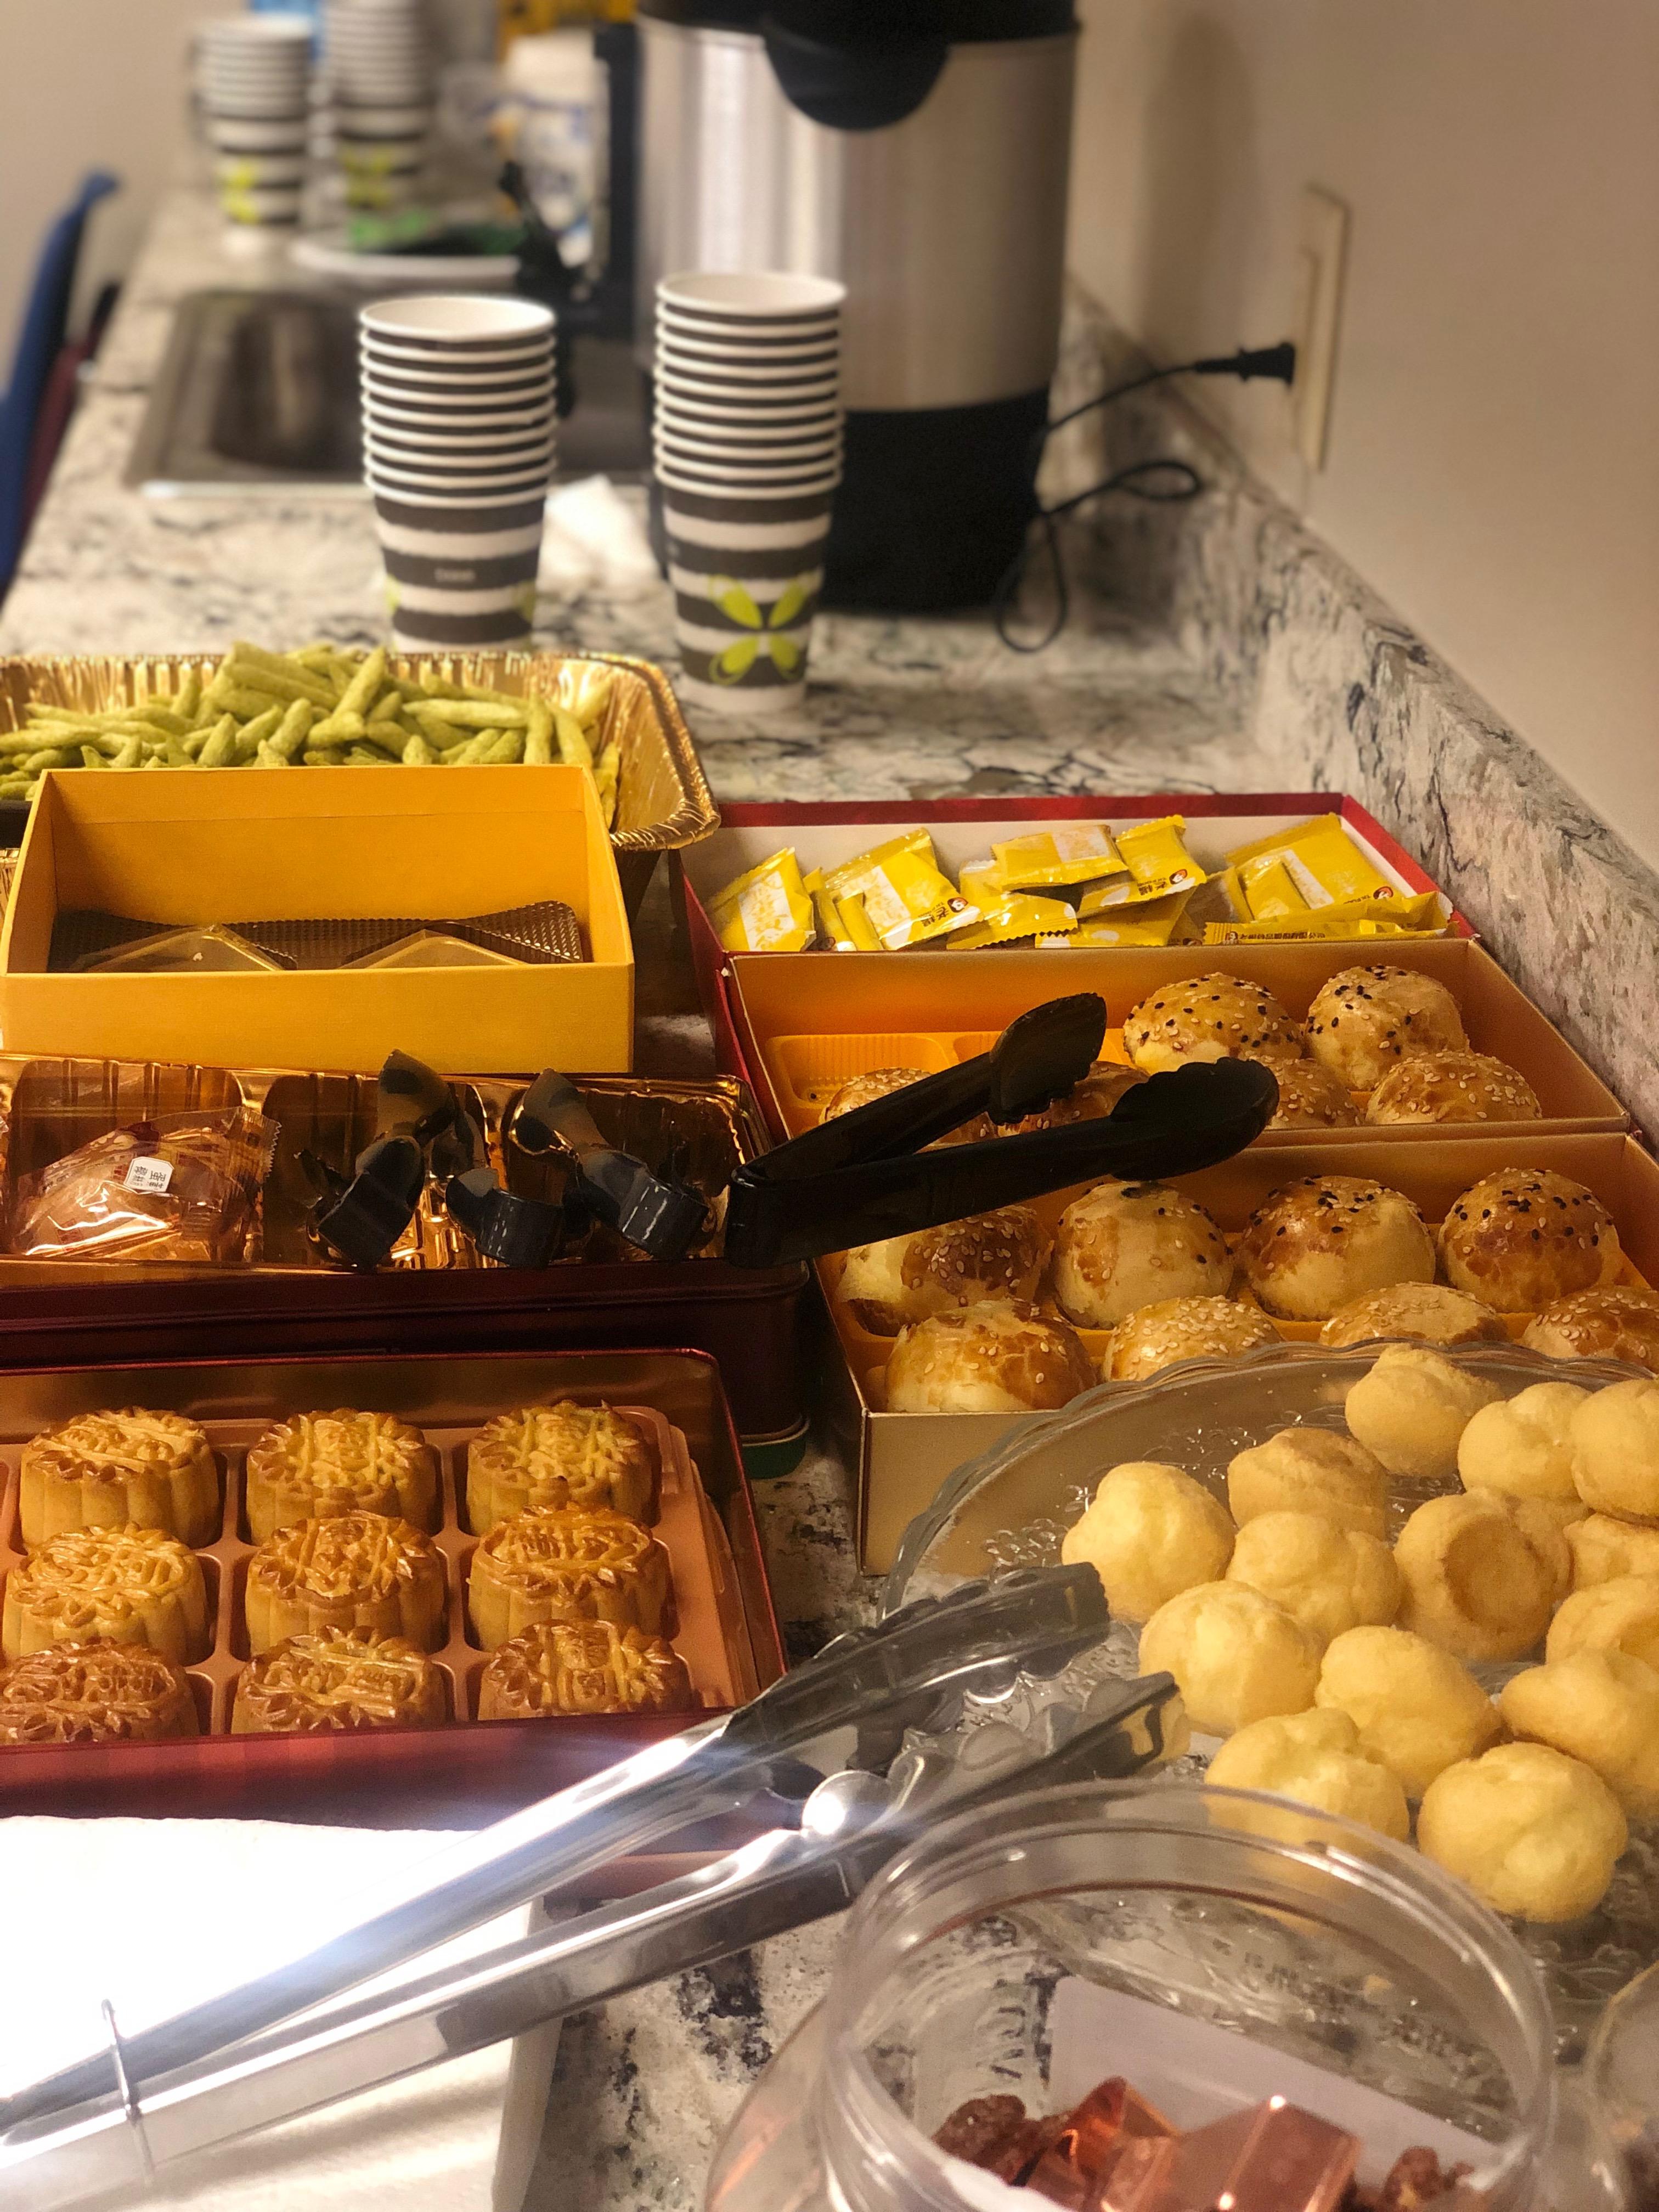 主辦單位貼心準備月餅等應景食品,與大家歡度中秋節。